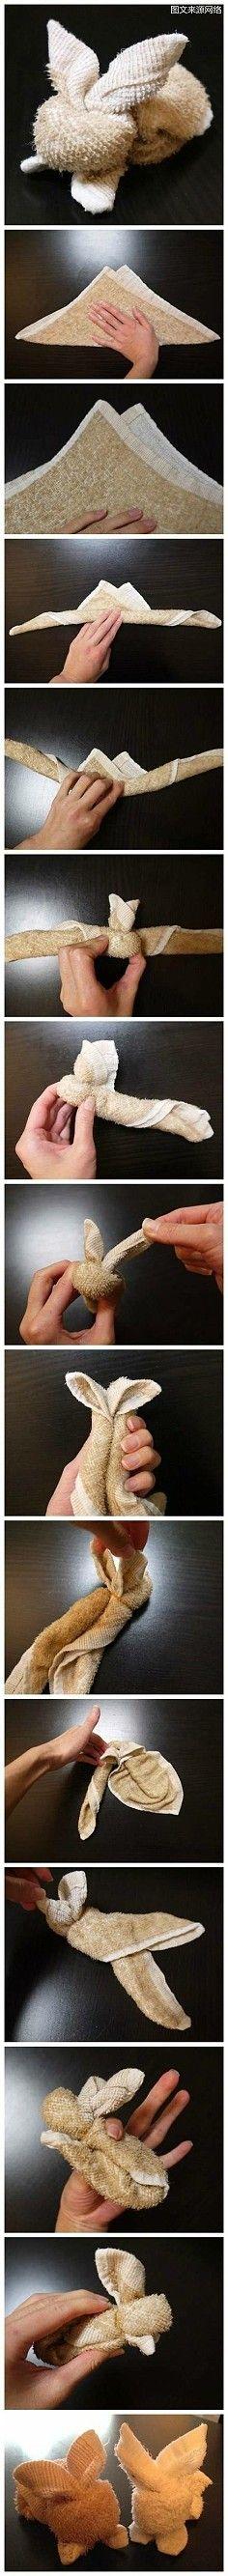 DIY: bunny towels ******* website full